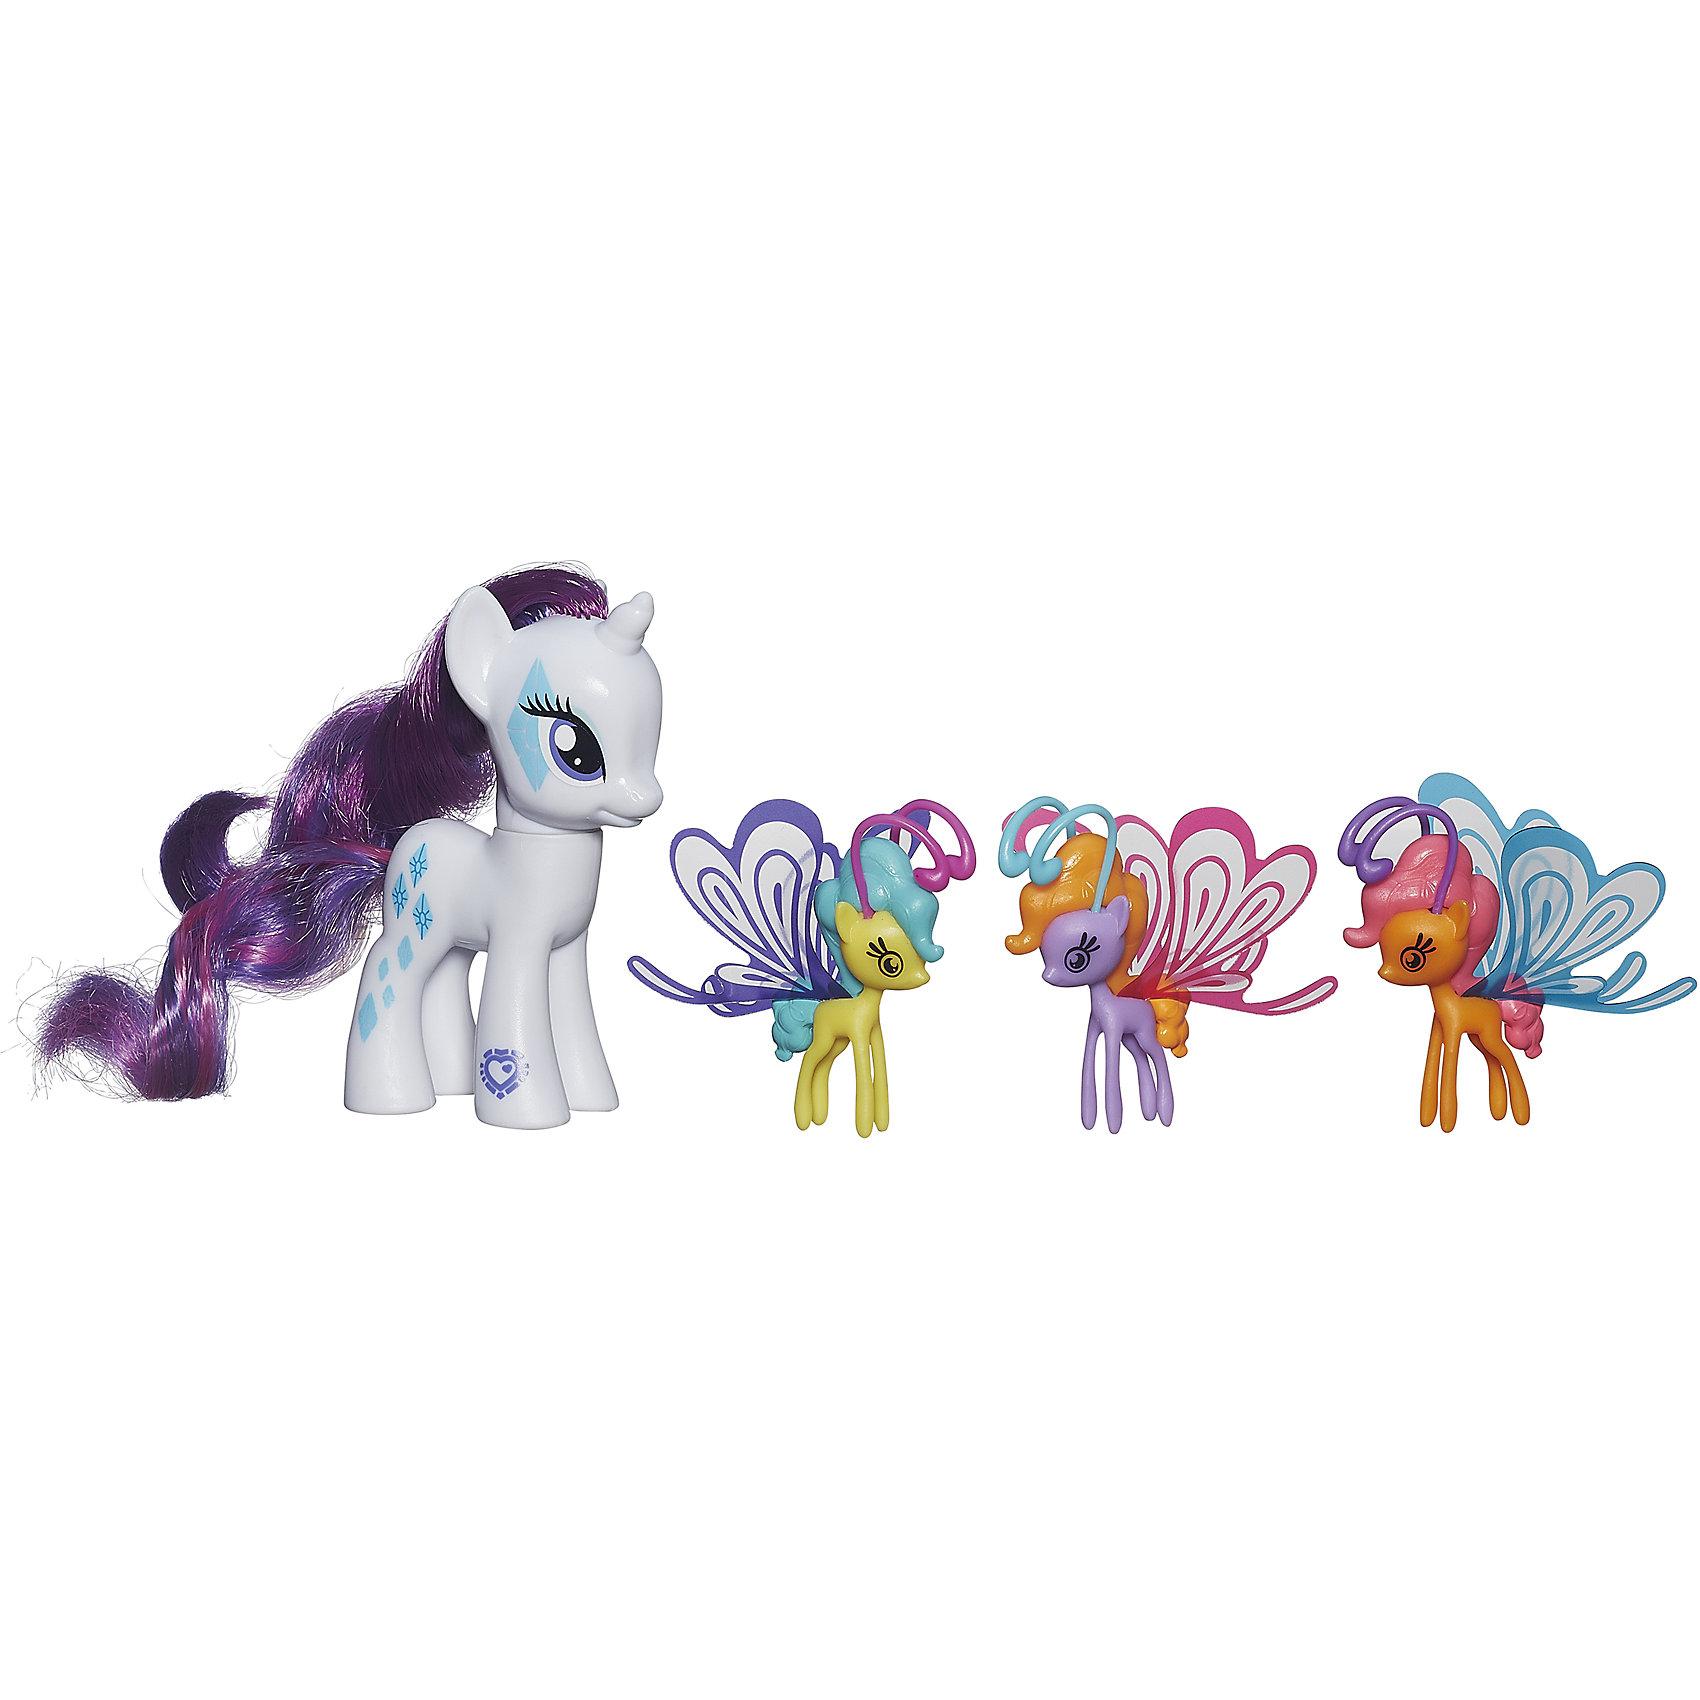 Пони Делюкс с волшебными крыльями, My little Pony,  B3014/B0358Игрушки<br>Очаровательные героини известного мультсериала Мой маленький Пони приведут в восторг всех девочек. В наборе - фигурка пони с пушистой гривой и три маленькие пони с крылышками. Теперь любимые лошадки смогут играть не только на земле, но и в воздухе. Игрушки выполнены из высококачественного экологичного пластика с применением гипоаллергенных красителей безопасных для детей. <br><br>Дополнительная информация:<br><br>- Материал: пластик.<br>- Размер: 20х17х4 см.<br>- Высота пони: 8 см.<br>- Высота крылатых пони: 4,5 см.<br>- Комплектация: 4 фигурки пони - большая пони, 3 маленьких пони с крылышками. <br><br>Пони Делюкс с волшебными крыльями, My little Pony (Май литл Пони),  можно купить в нашем магазине.<br><br>Ширина мм: 44<br>Глубина мм: 203<br>Высота мм: 197<br>Вес г: 350<br>Возраст от месяцев: 36<br>Возраст до месяцев: 72<br>Пол: Женский<br>Возраст: Детский<br>SKU: 4563922